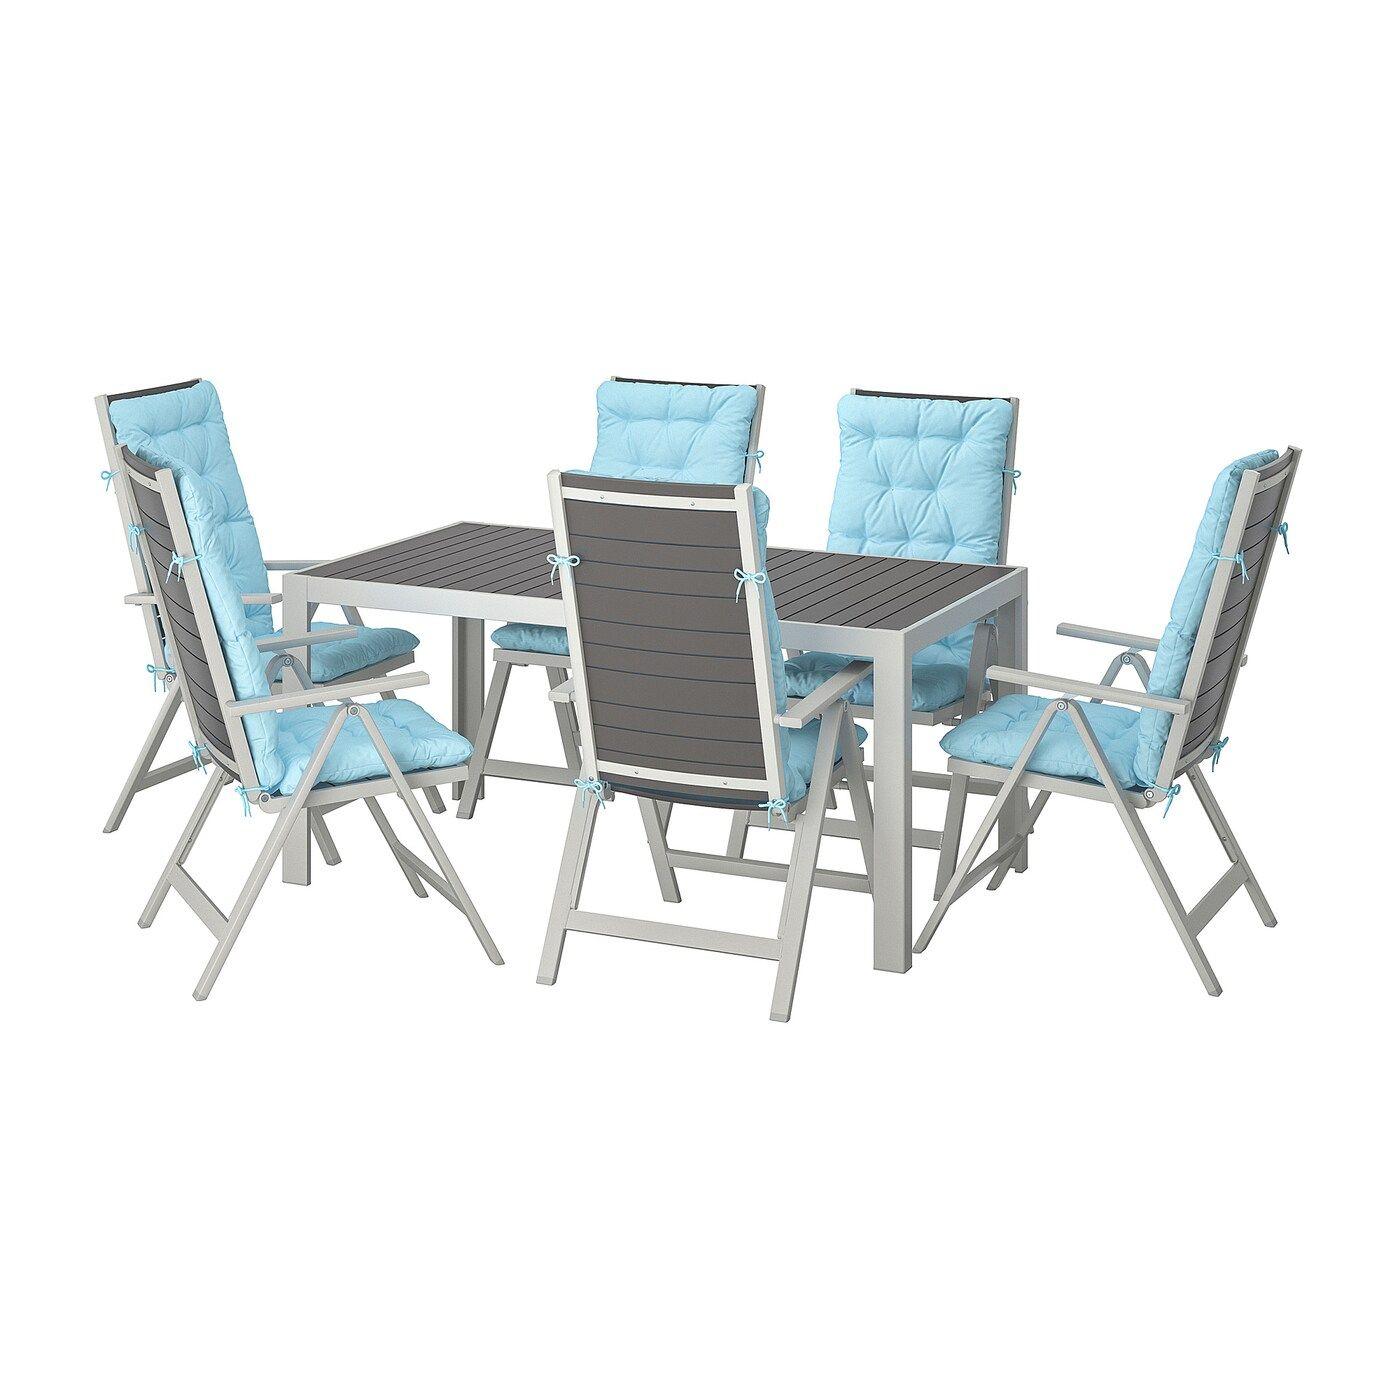 Full Size of Liegestuhl Ikea Sealand Garten Betten Bei Küche Kosten Modulküche Sofa Mit Schlaffunktion Kaufen Miniküche 160x200 Wohnzimmer Liegestuhl Ikea